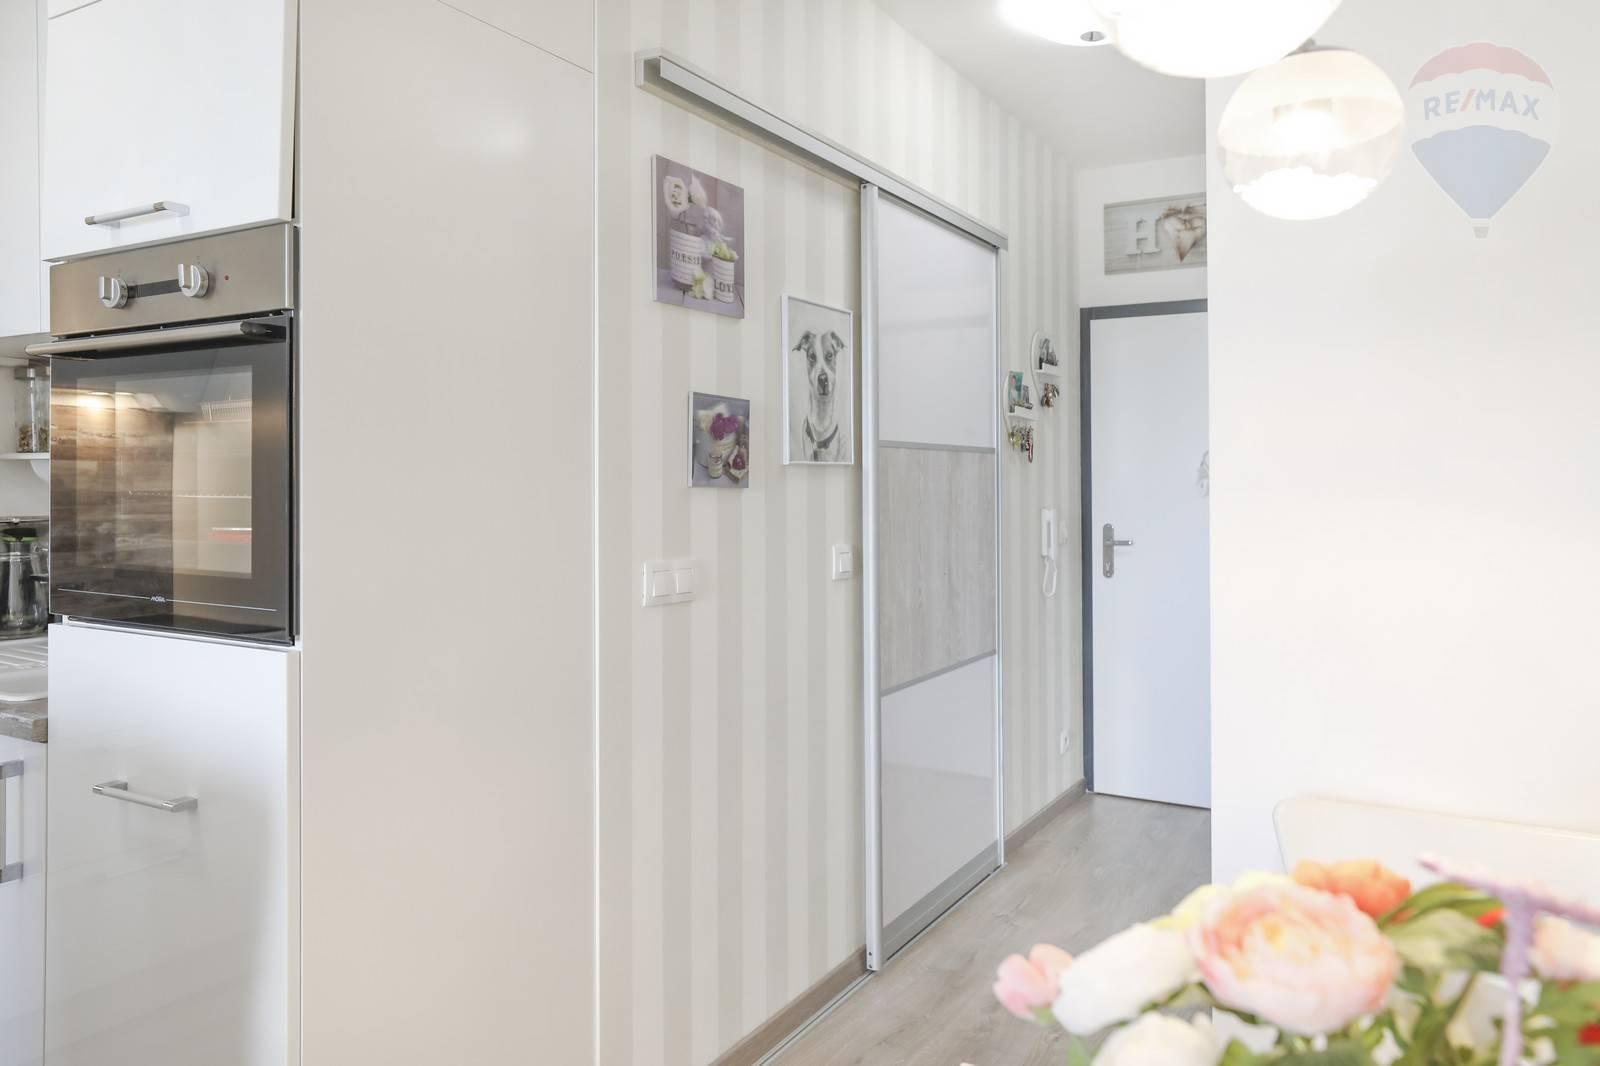 Predaj bytu (1 izbový) 33 m2, Bratislava - Petržalka - 1 - izbovy byt ( 33 m2 ) Slnečnice- Petržalka